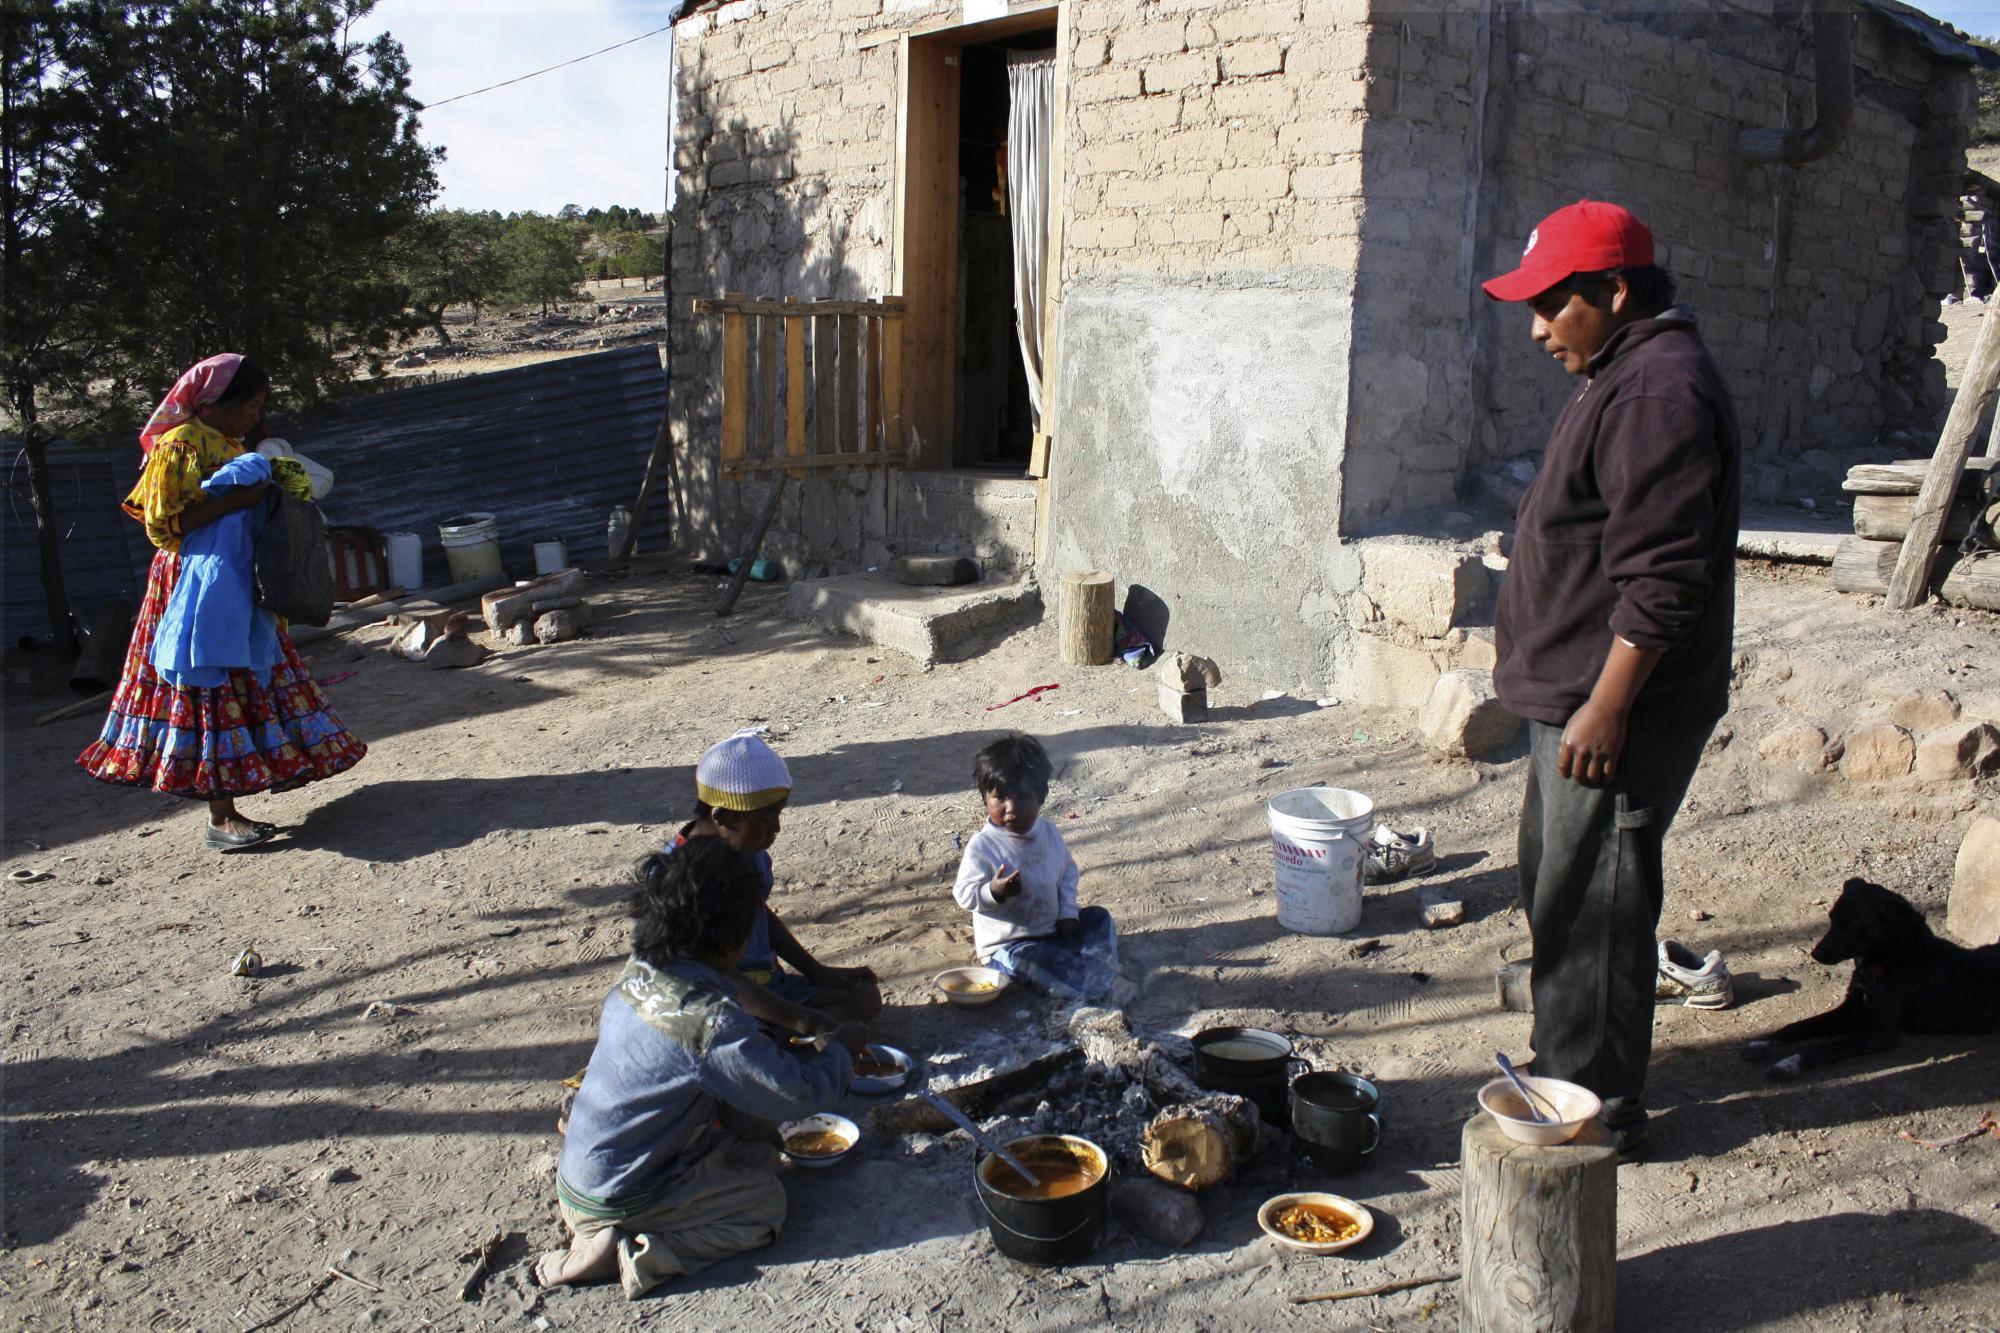 La diferencia entre ricos y pobres en América Latina es la más grande del mundo / Foto: Humanosphere